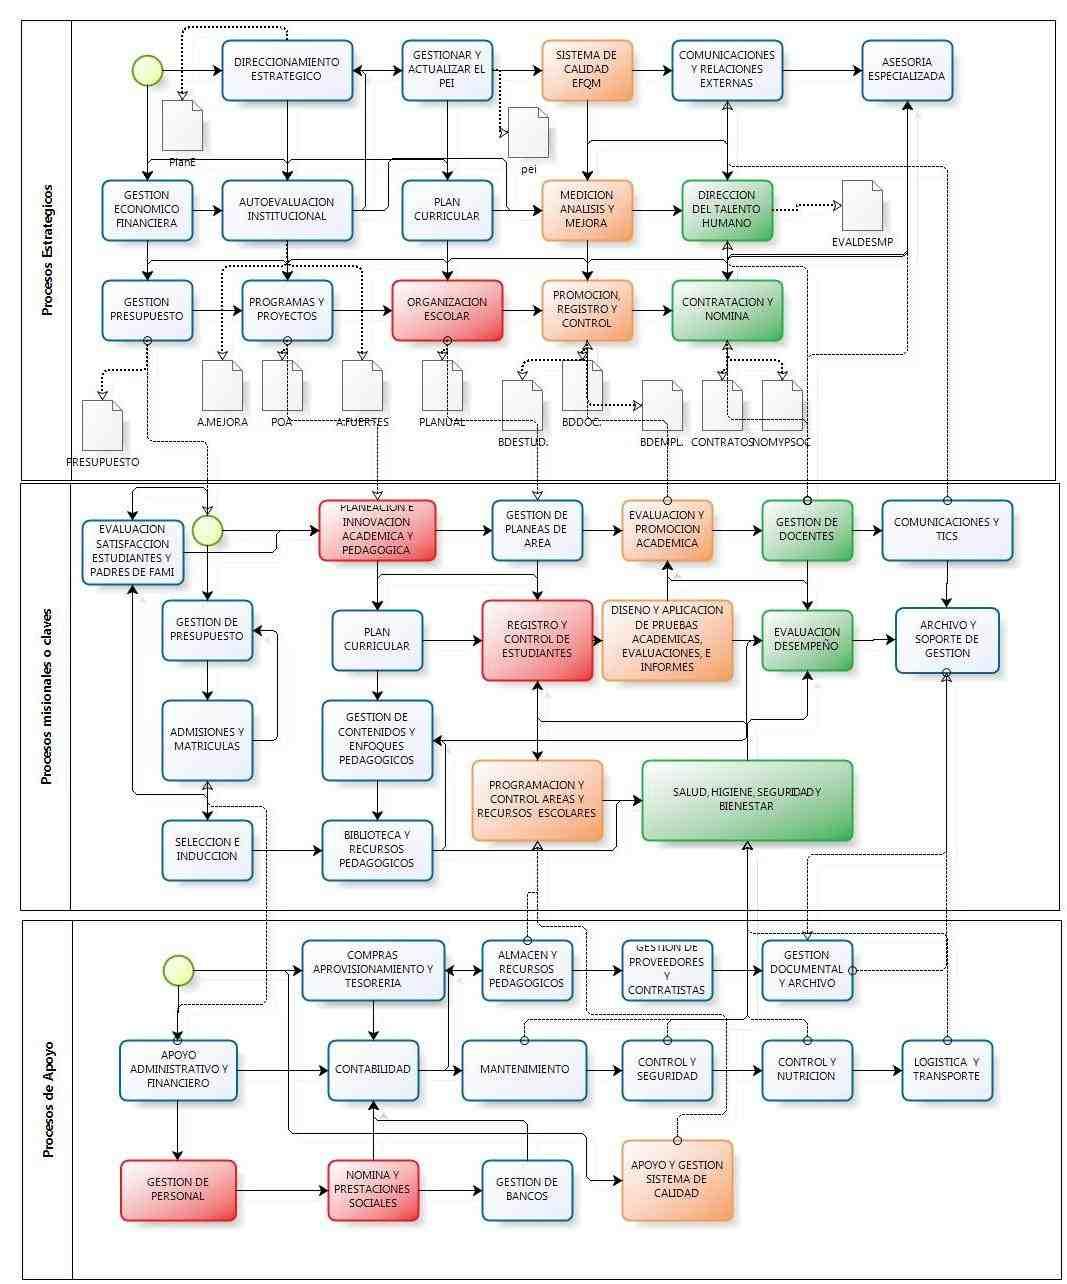 Colegio los angeles mapa de procesos mapa de procesos efqm for Mapeo de procesos ejemplo